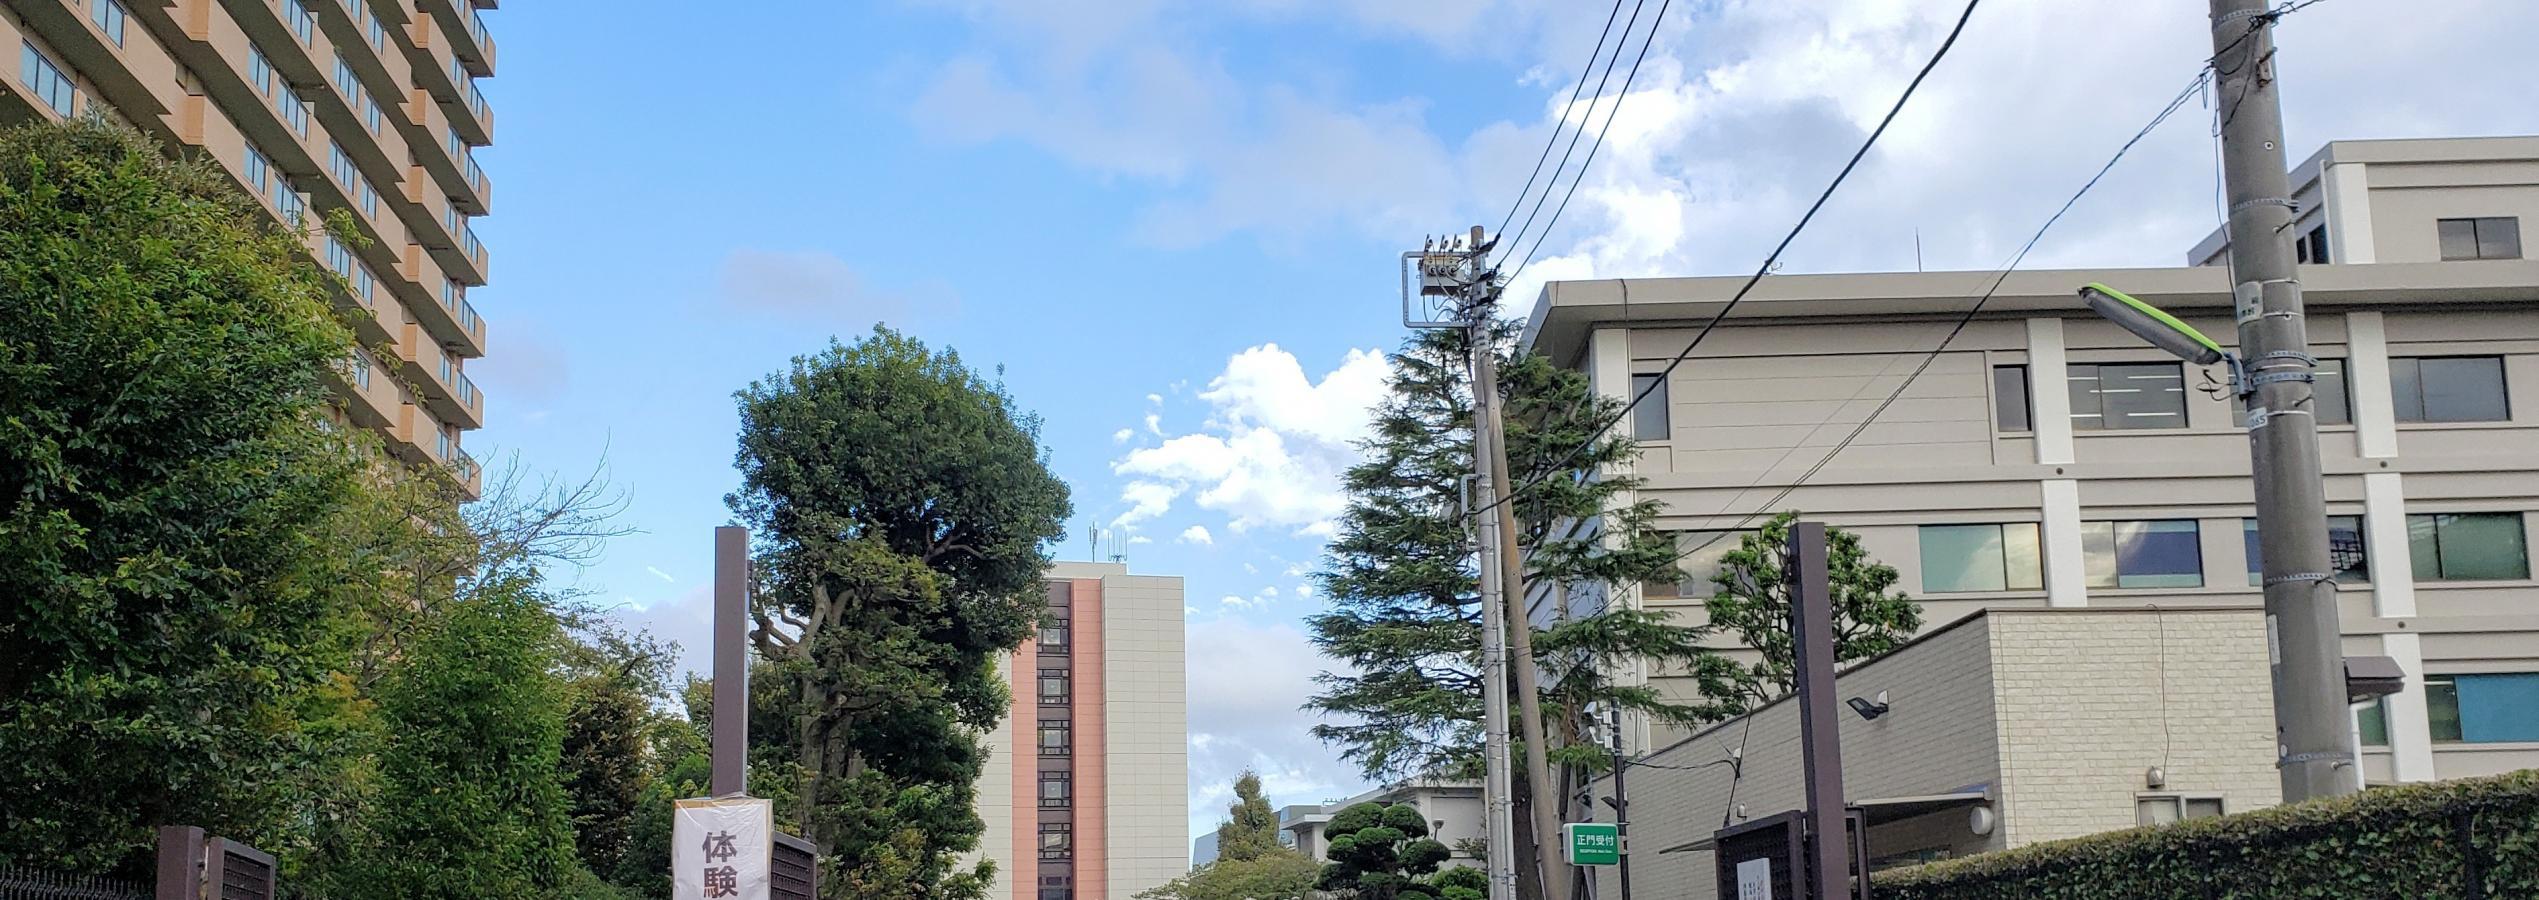 駒澤大学駒澤キャンパス